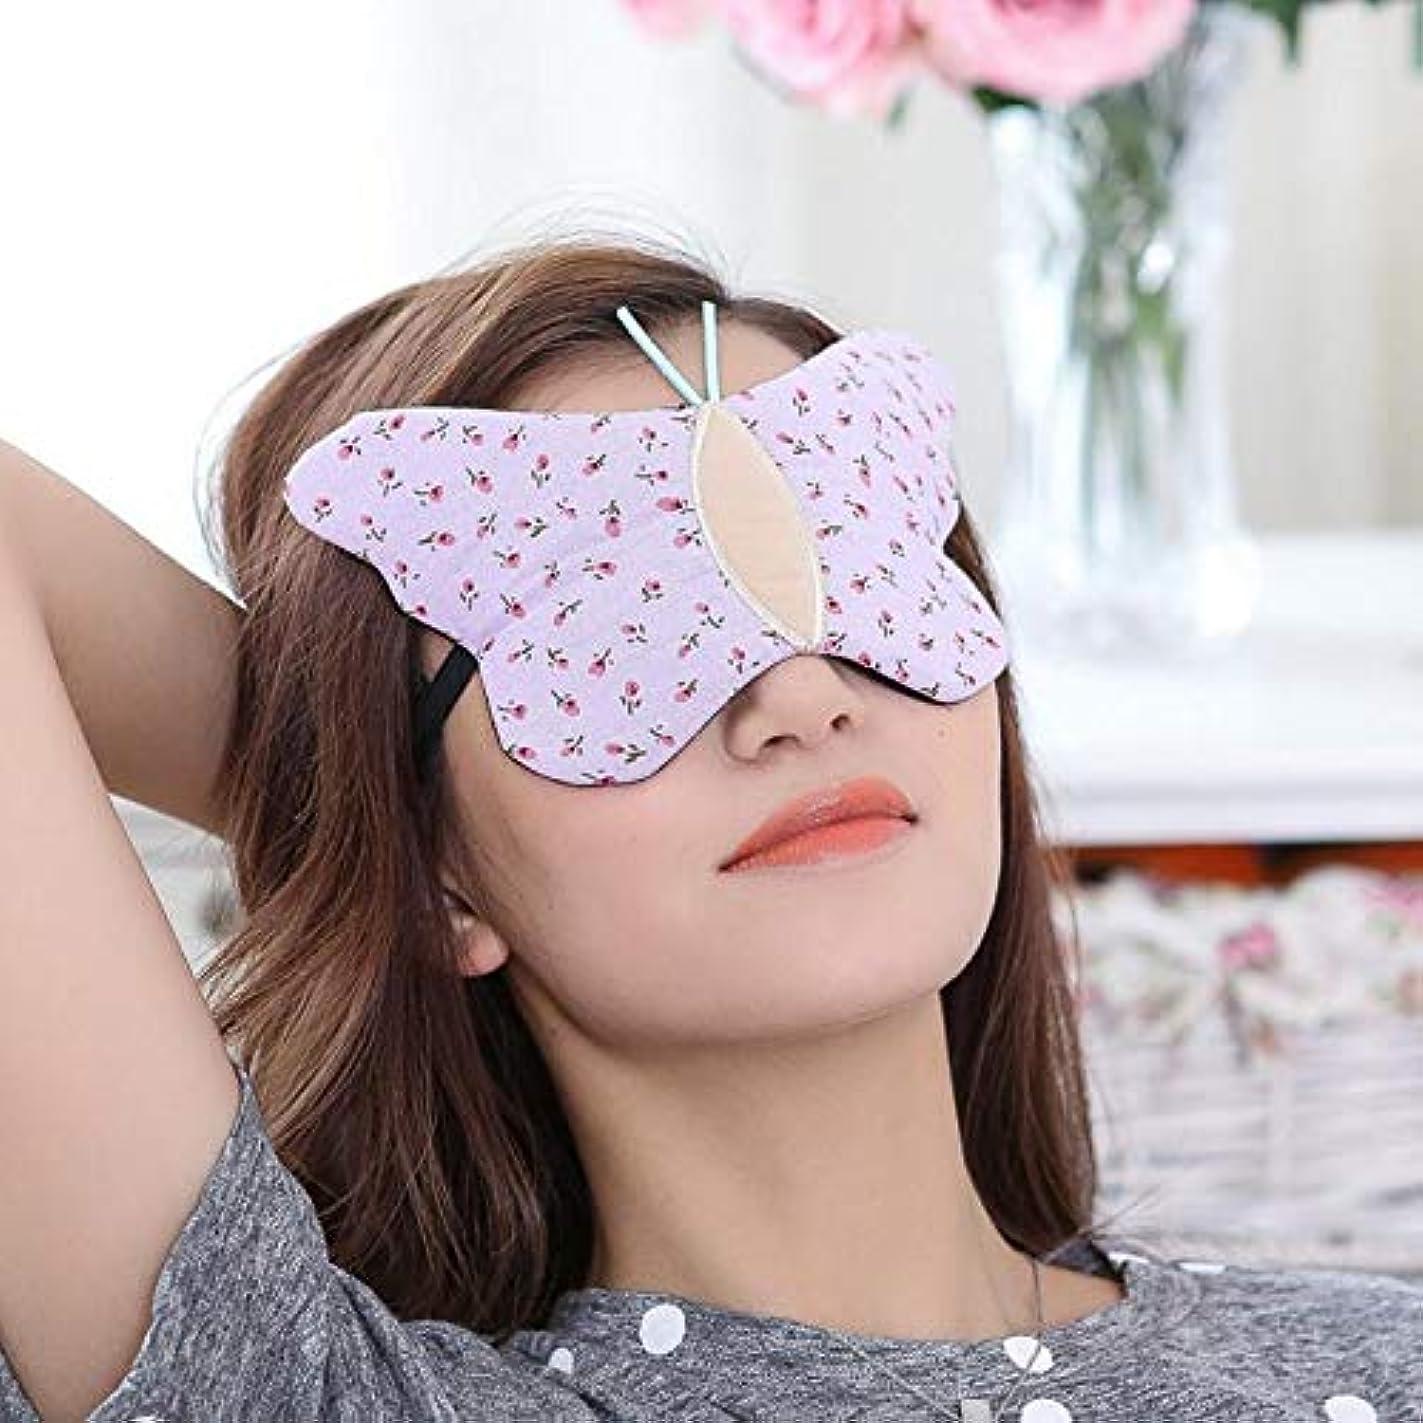 意気込み軍艦怪物注熱い販売の新しいスタイルの蝶型素敵な日よけカバーすべて綿素材旅行睡眠マスク仮眠目隠し無料ショッピング